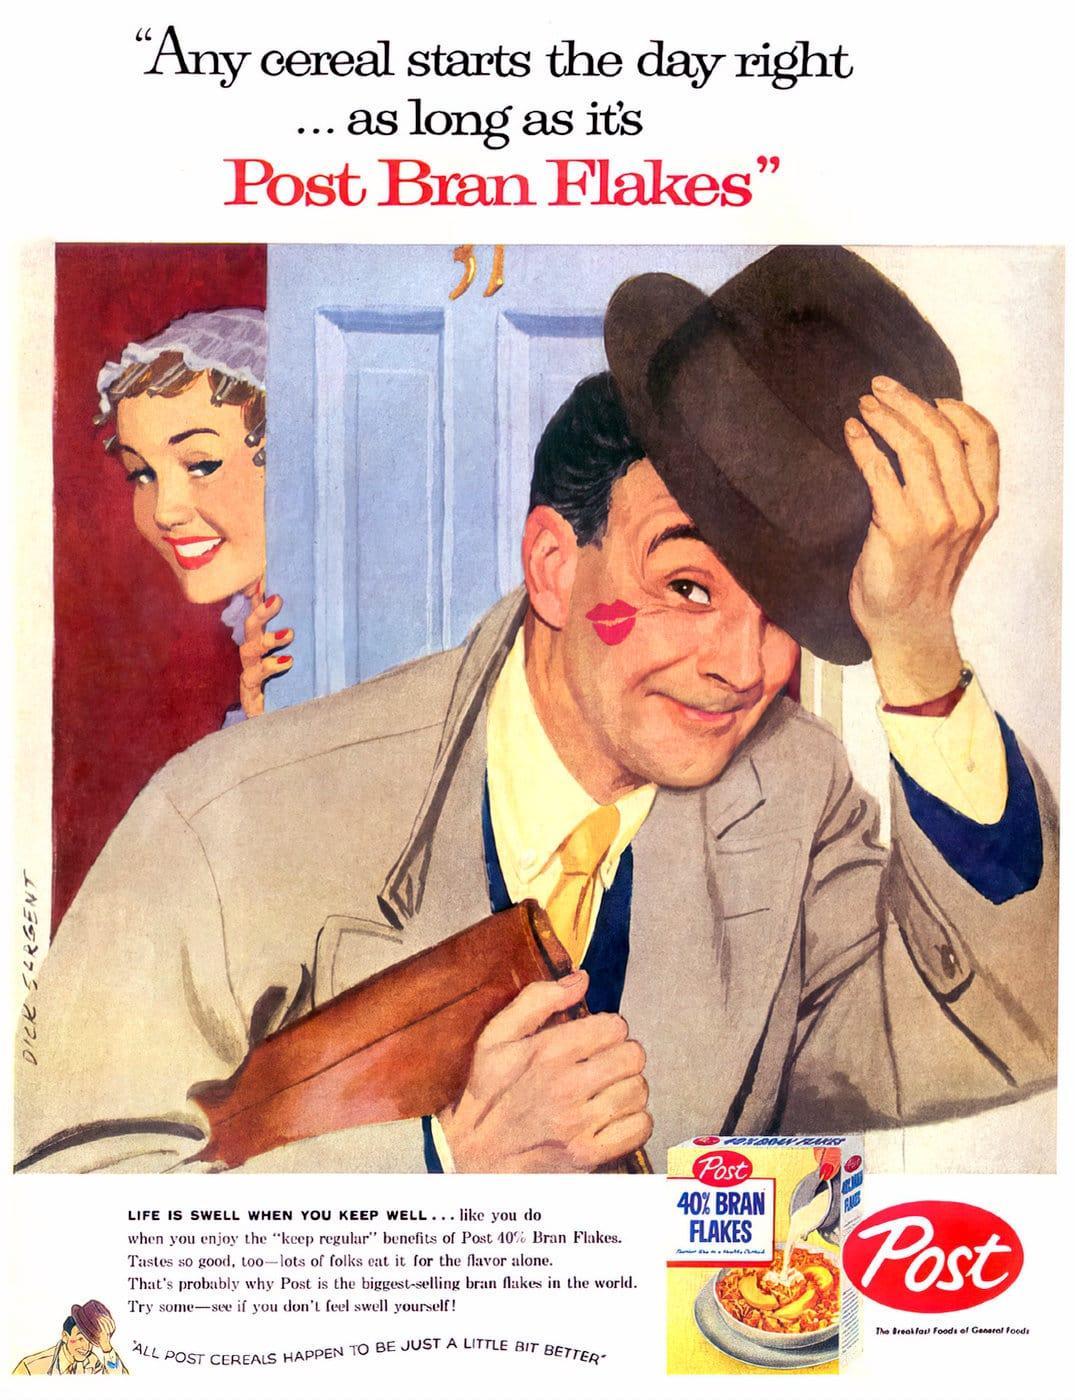 Vintage 1950s Post Bran Flakes